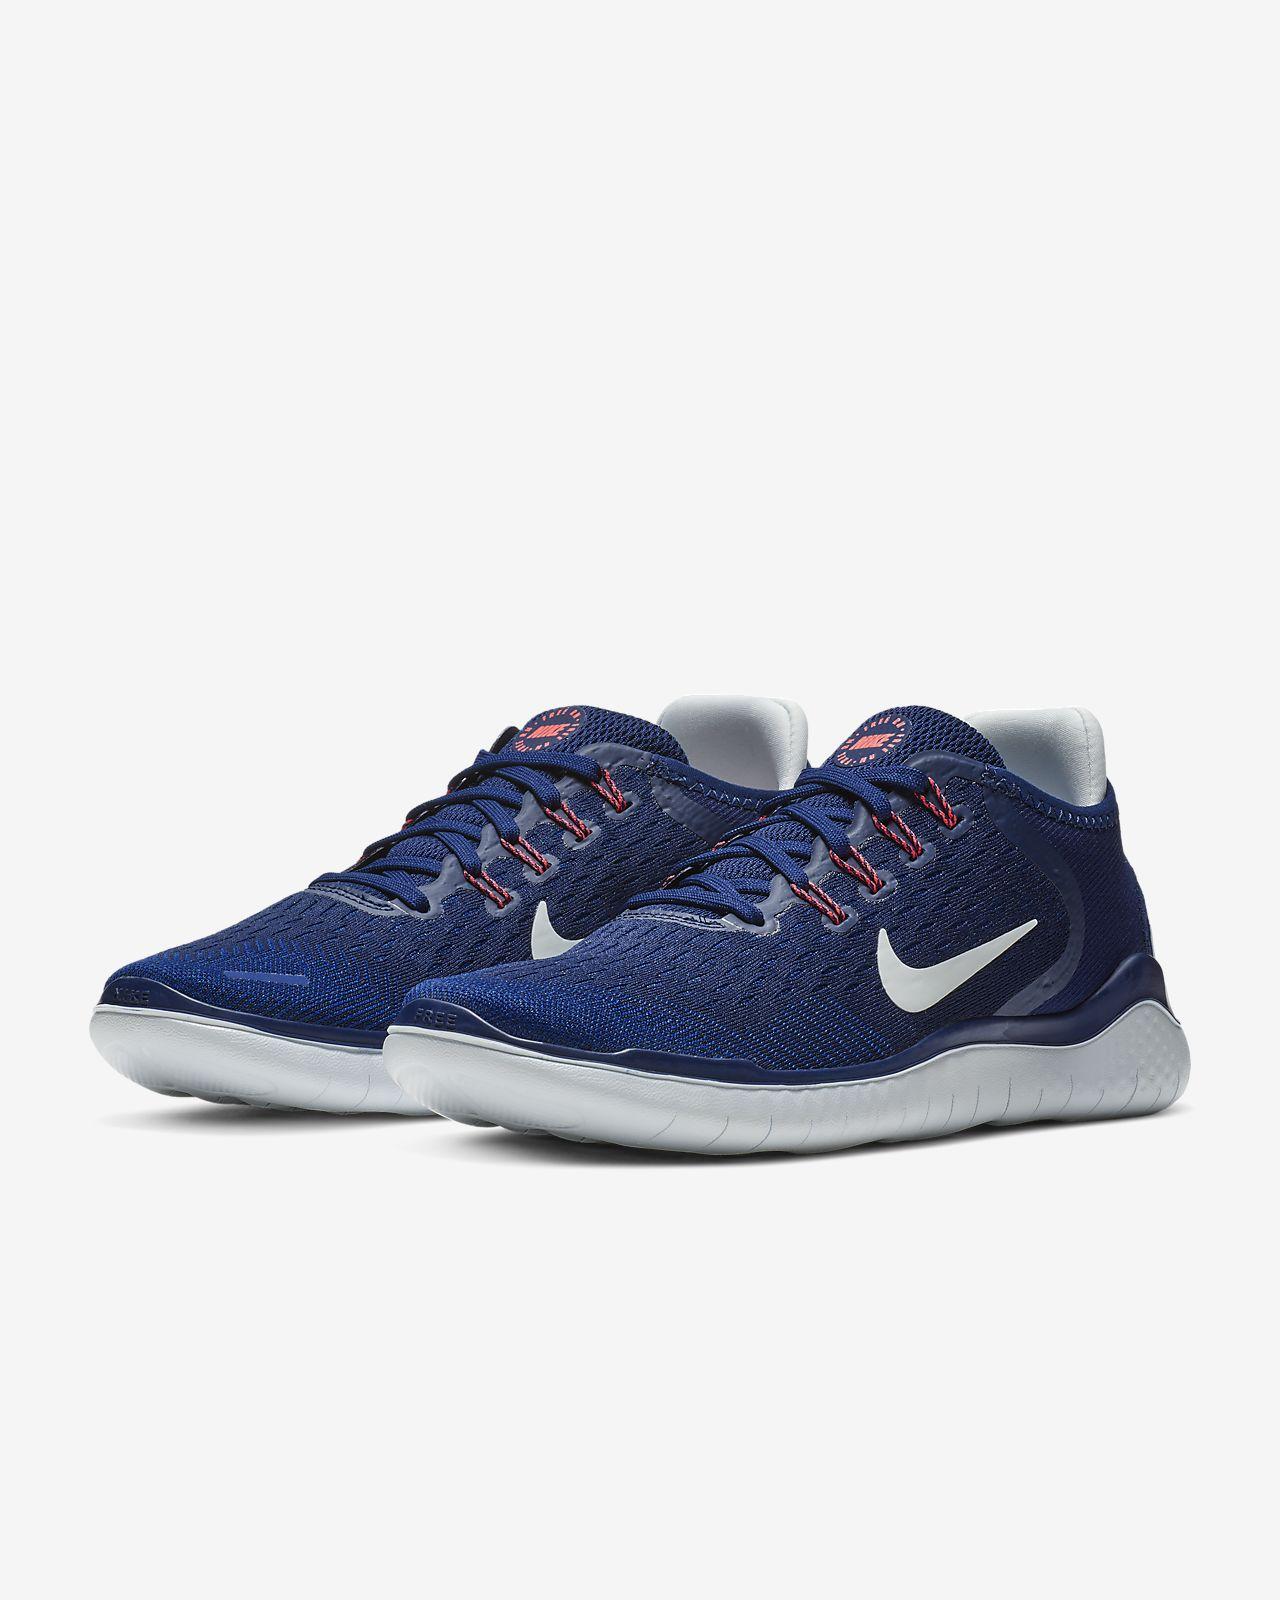 de9ceb613c46 Nike Free RN 2018 Women s Running Shoe. Nike.com SG